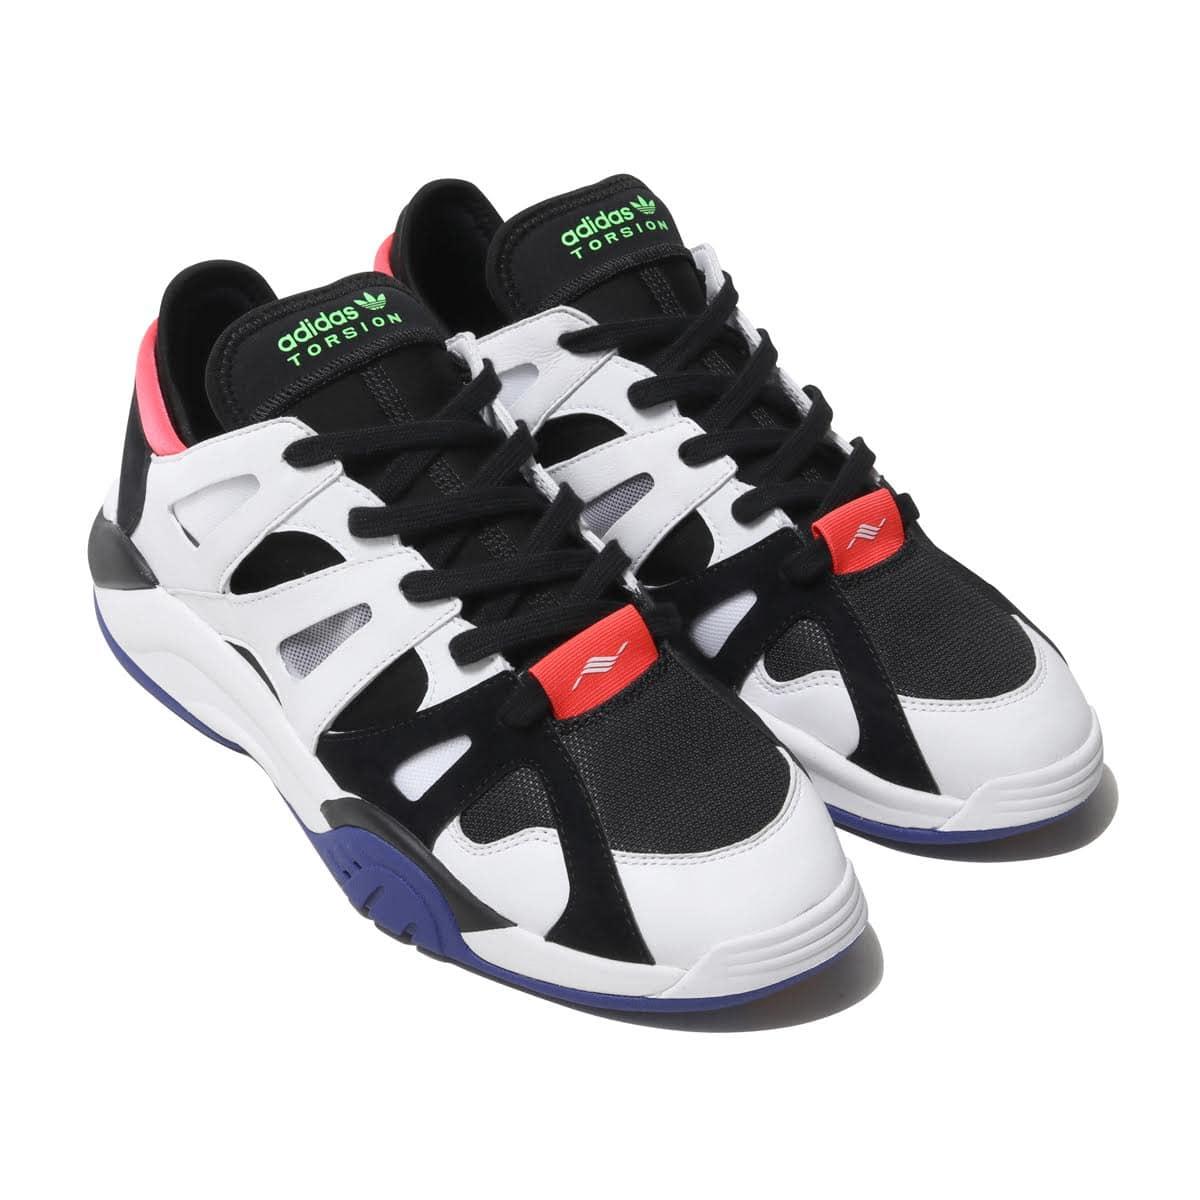 Adidas-dimensión lo Core Black//Footwear White//Active Blue cortos bd7648